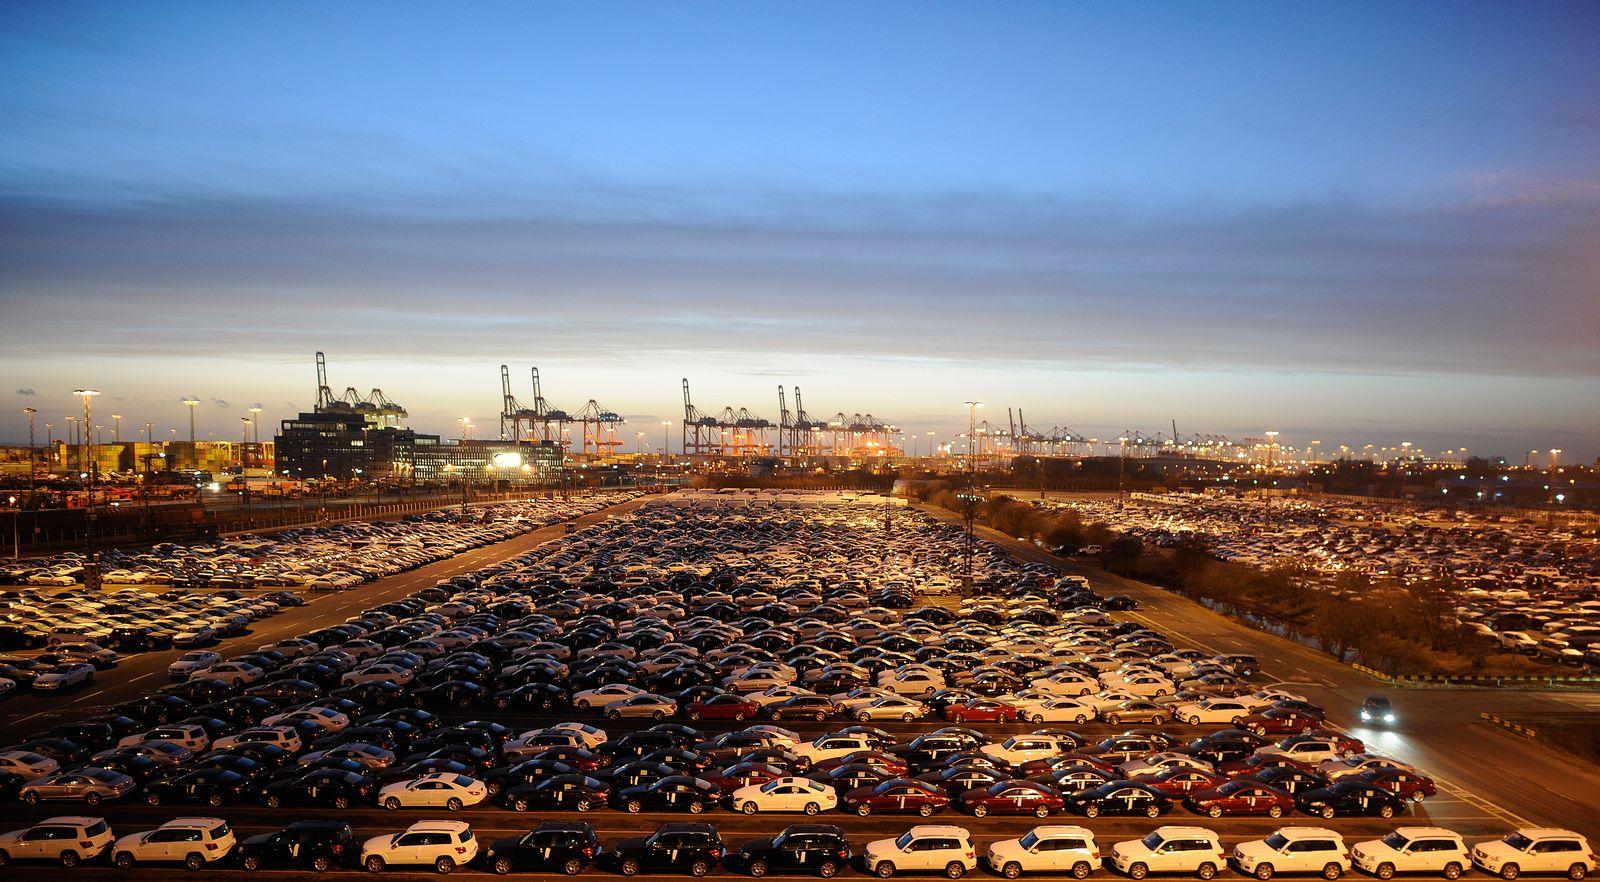 Deutschland / Konjunktur / Auto-Export / Export / Aufschwung / Exporte